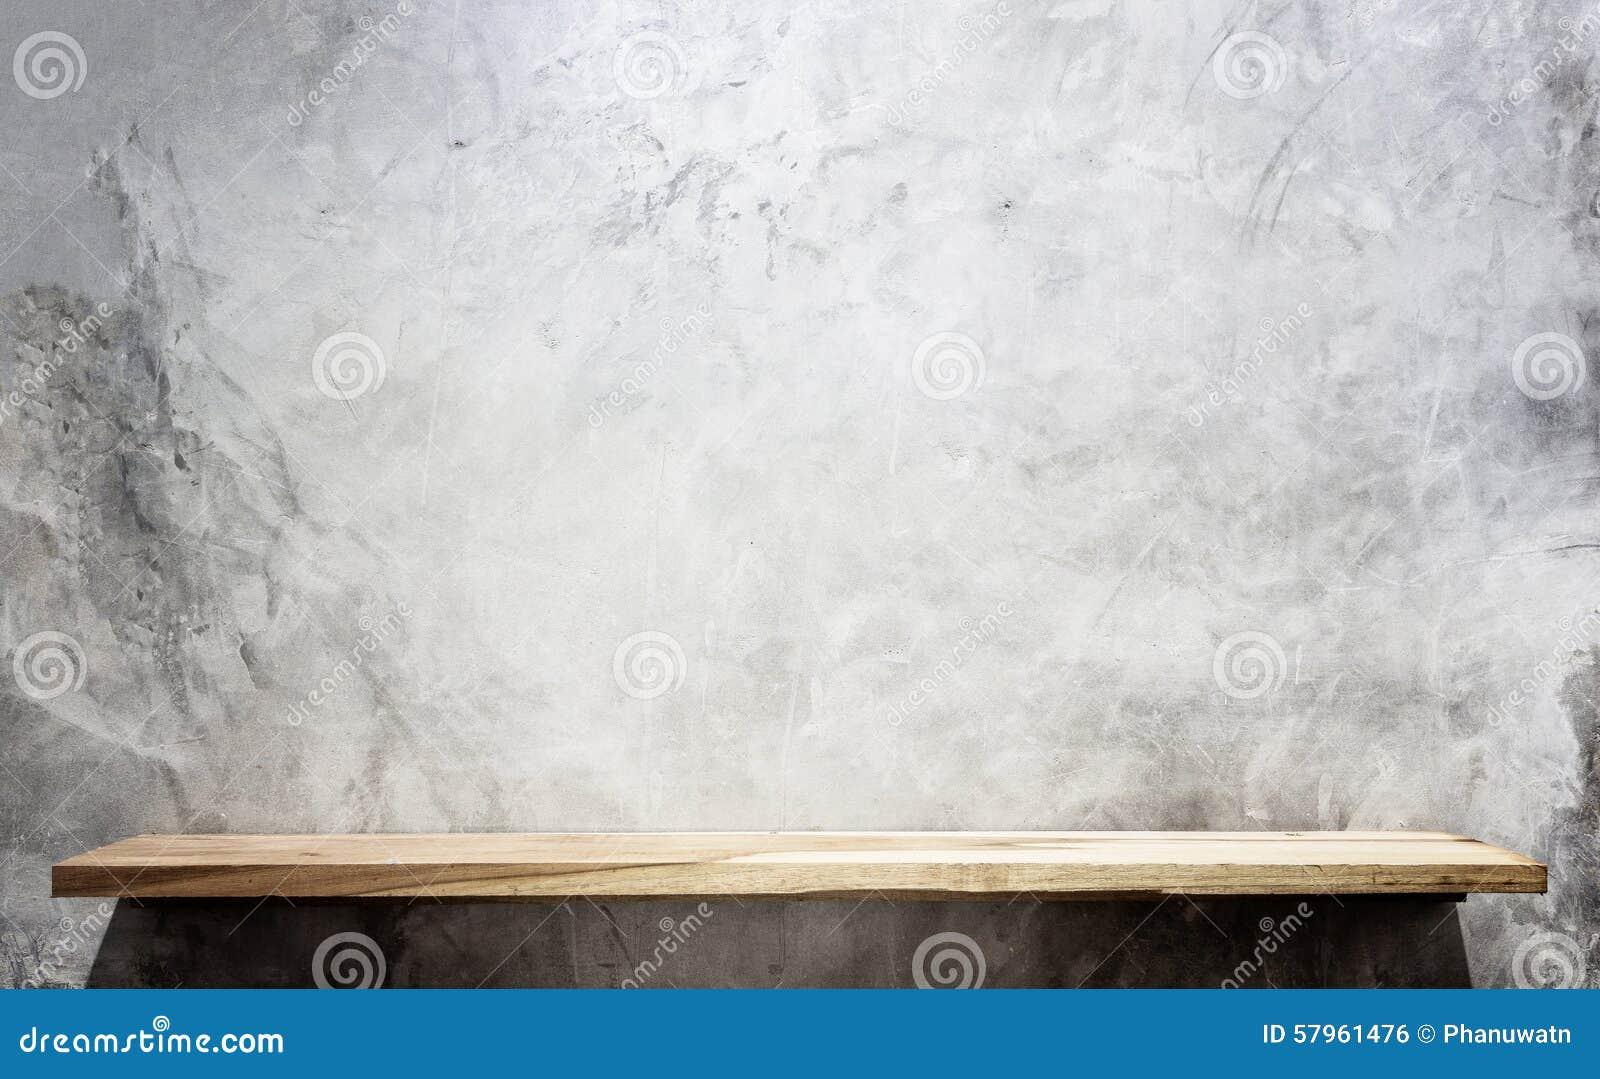 Prateleiras de madeira superiores vazias e fundo da parede de pedra